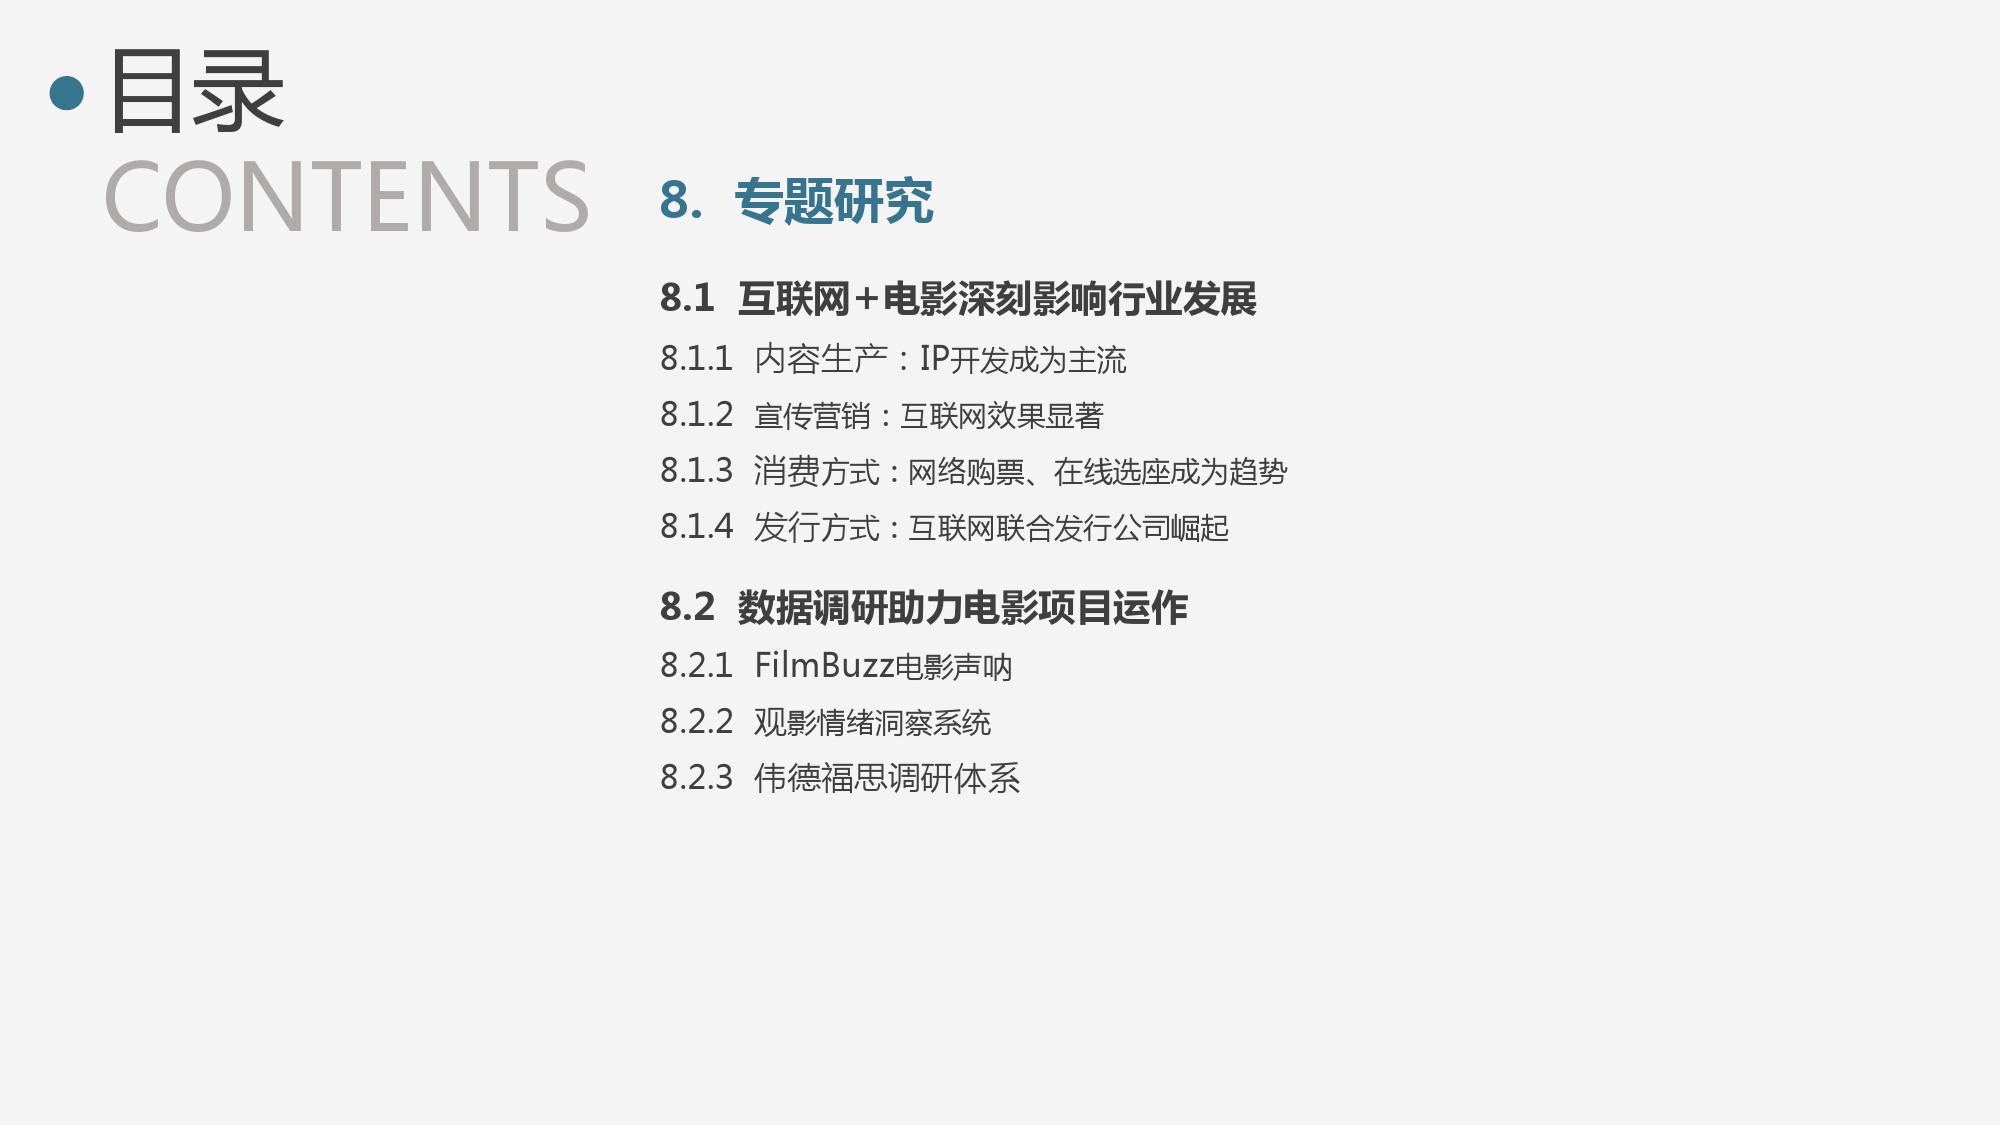 2015年度中国电影产业报告_000009